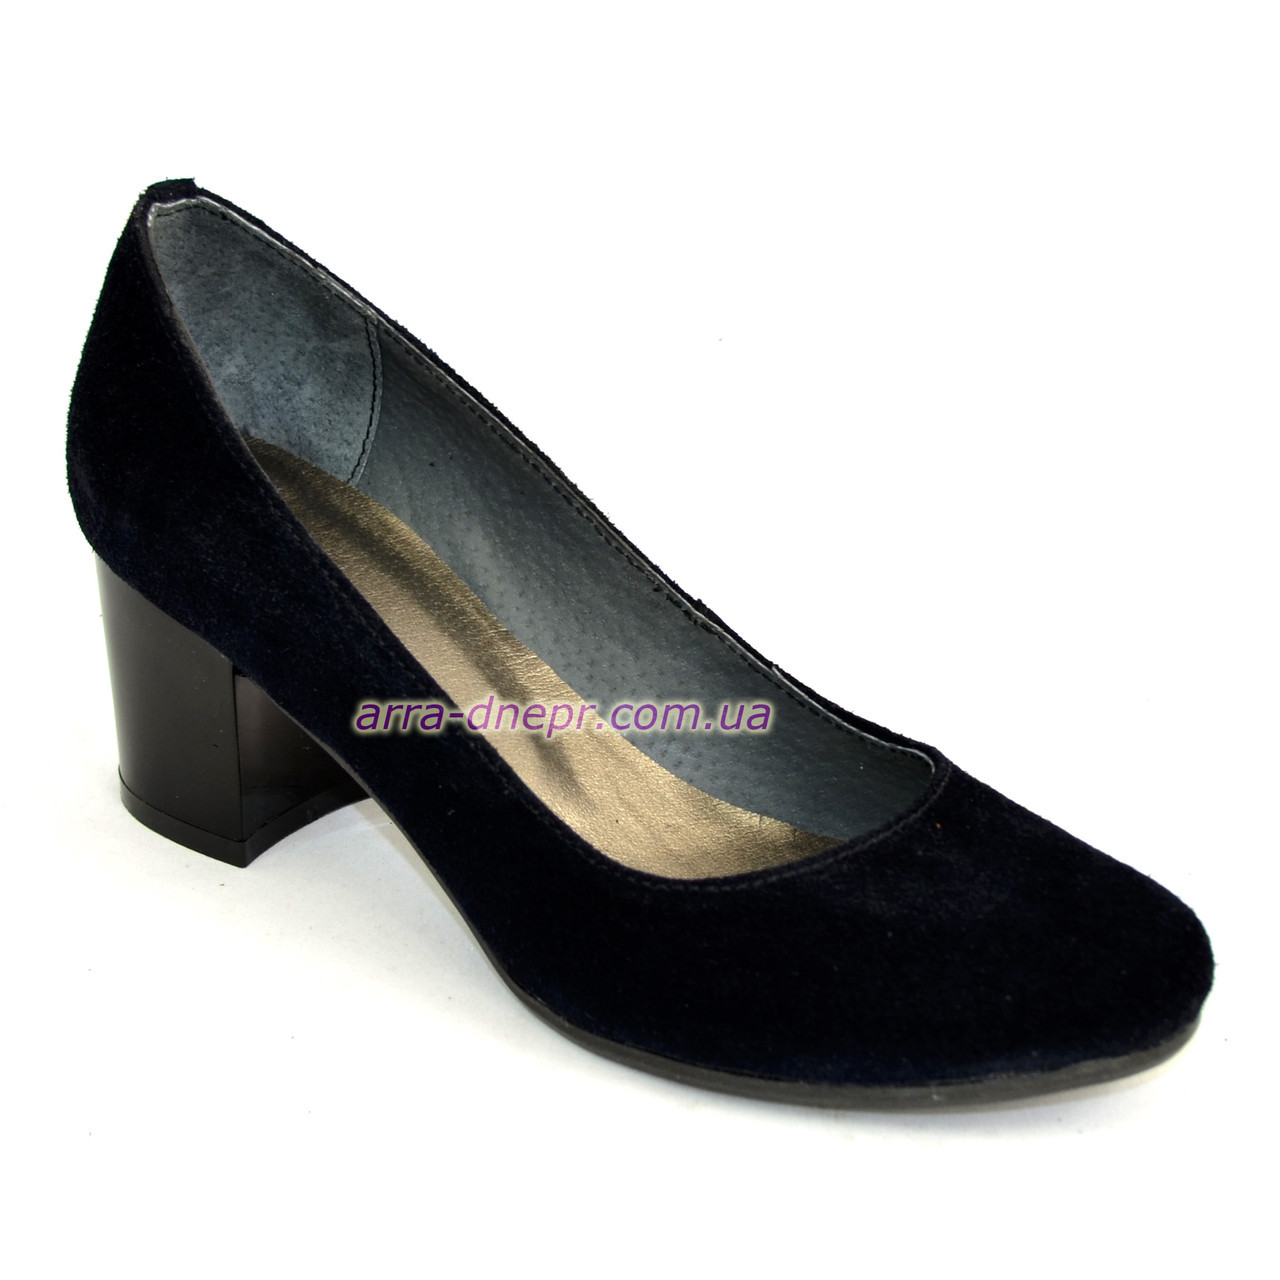 Женские туфли на невысоком устойчивом каблуке, из натуральной замши синего цвета